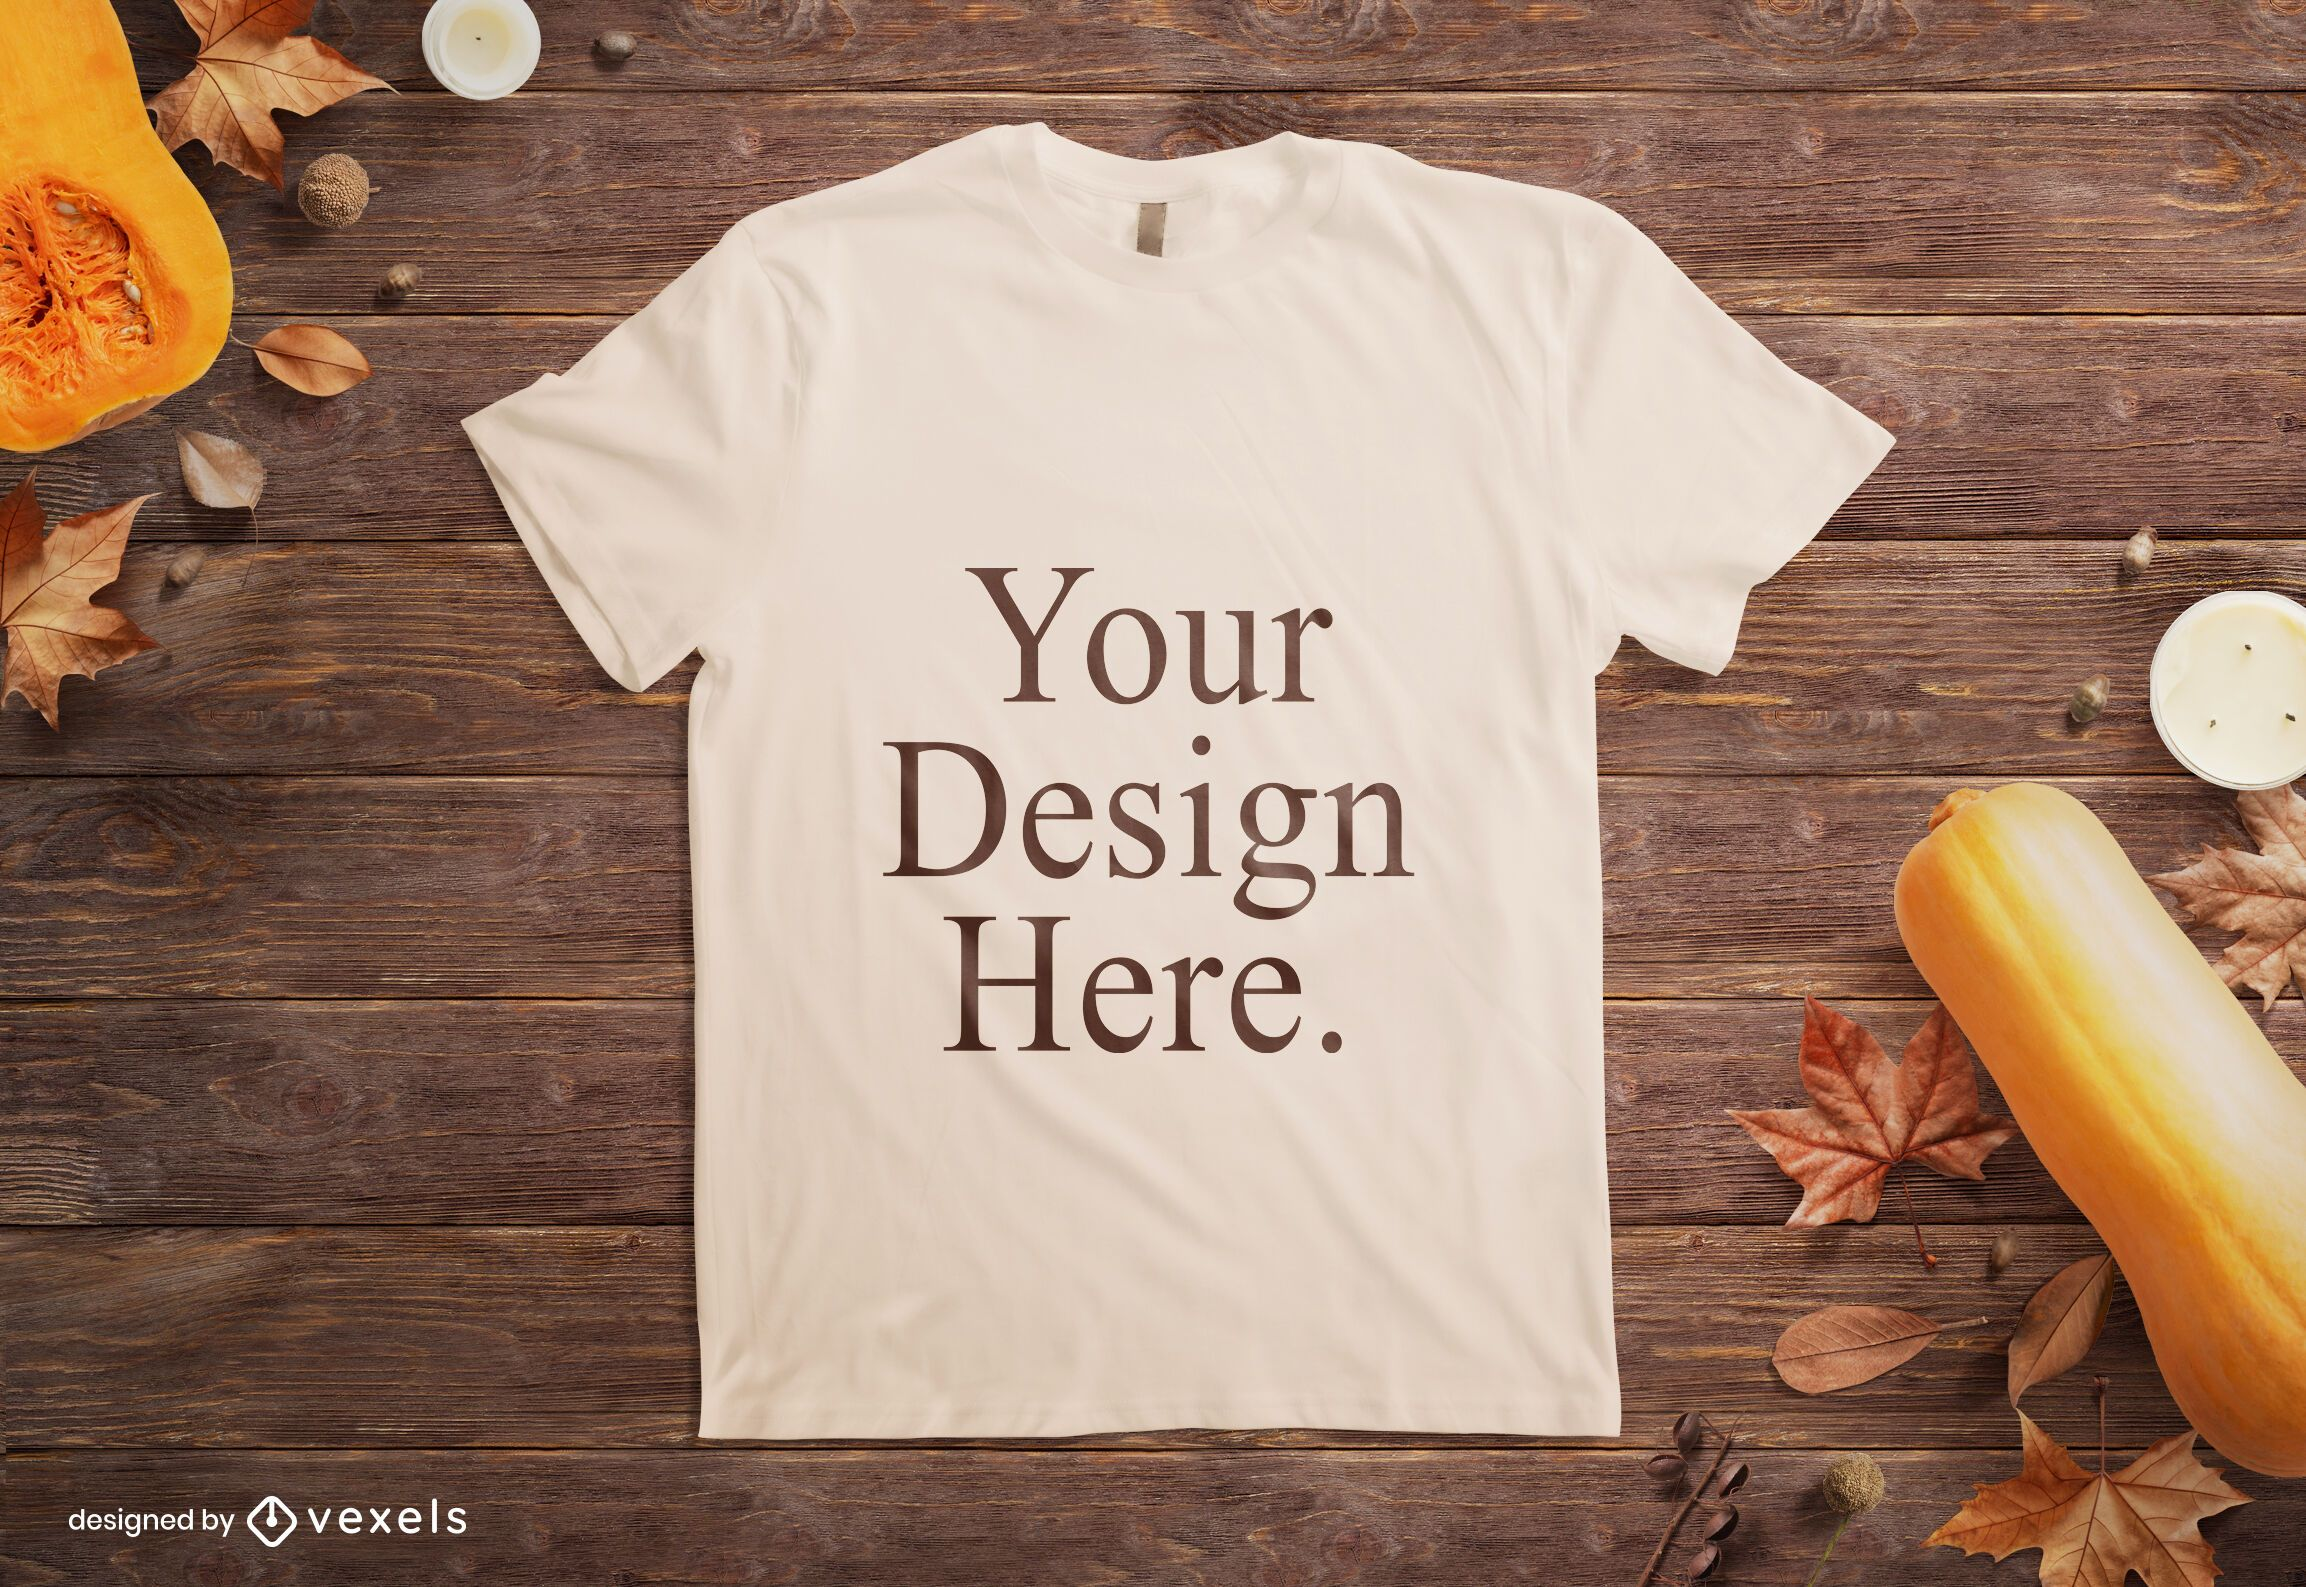 Composición de camiseta de maqueta de otoño